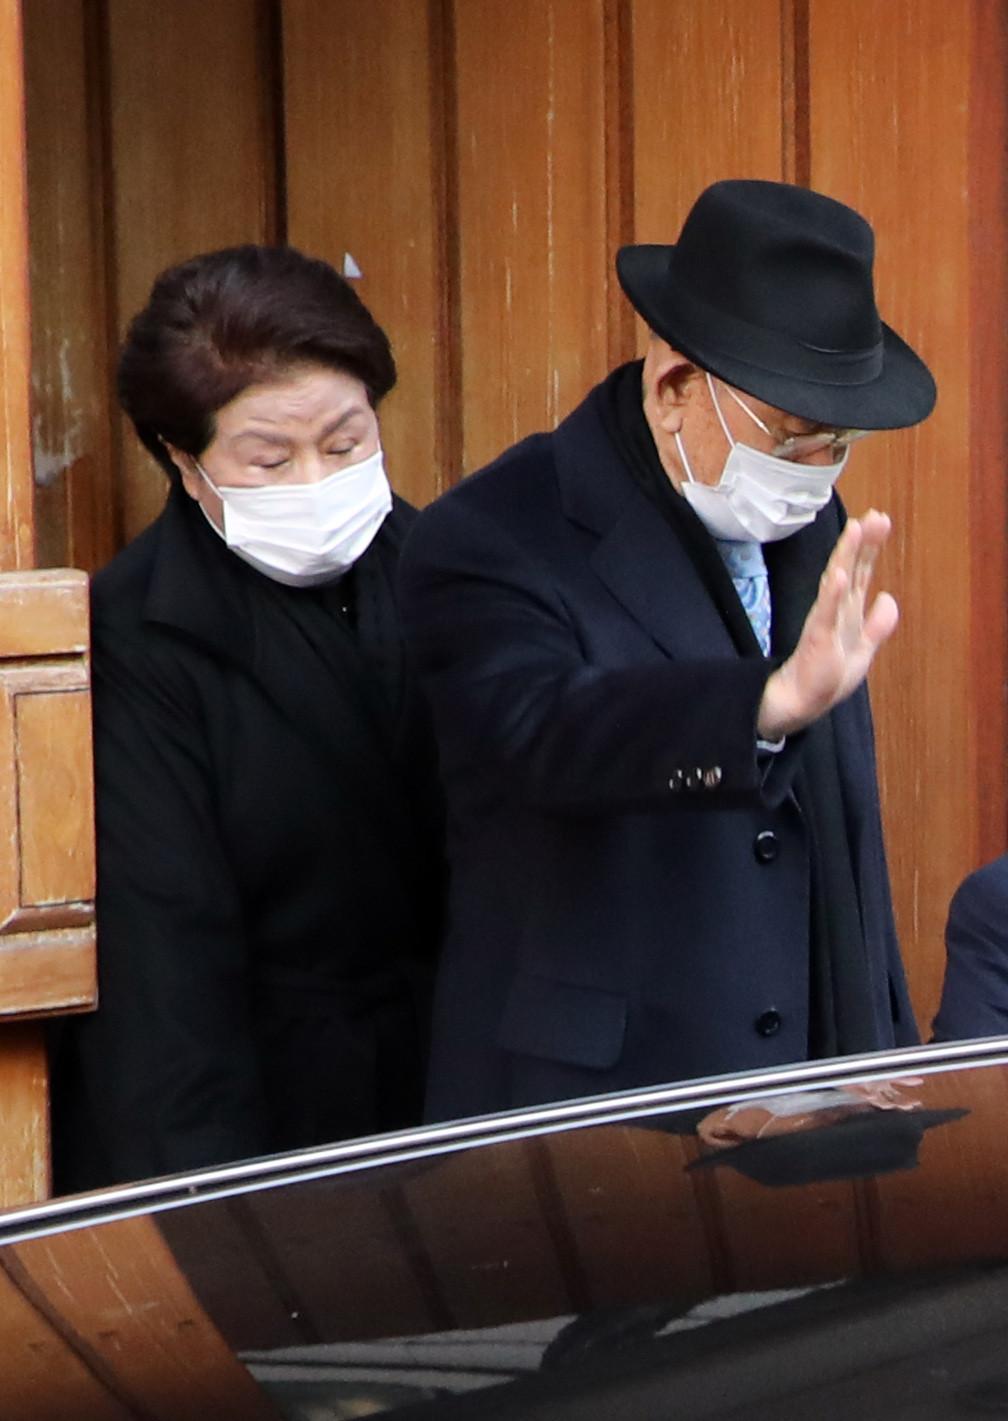 ▲南韓前總統全斗煥與其夫人李順子步出首爾家門,下午將在光州出席一審宣判。(圖/達志影像)